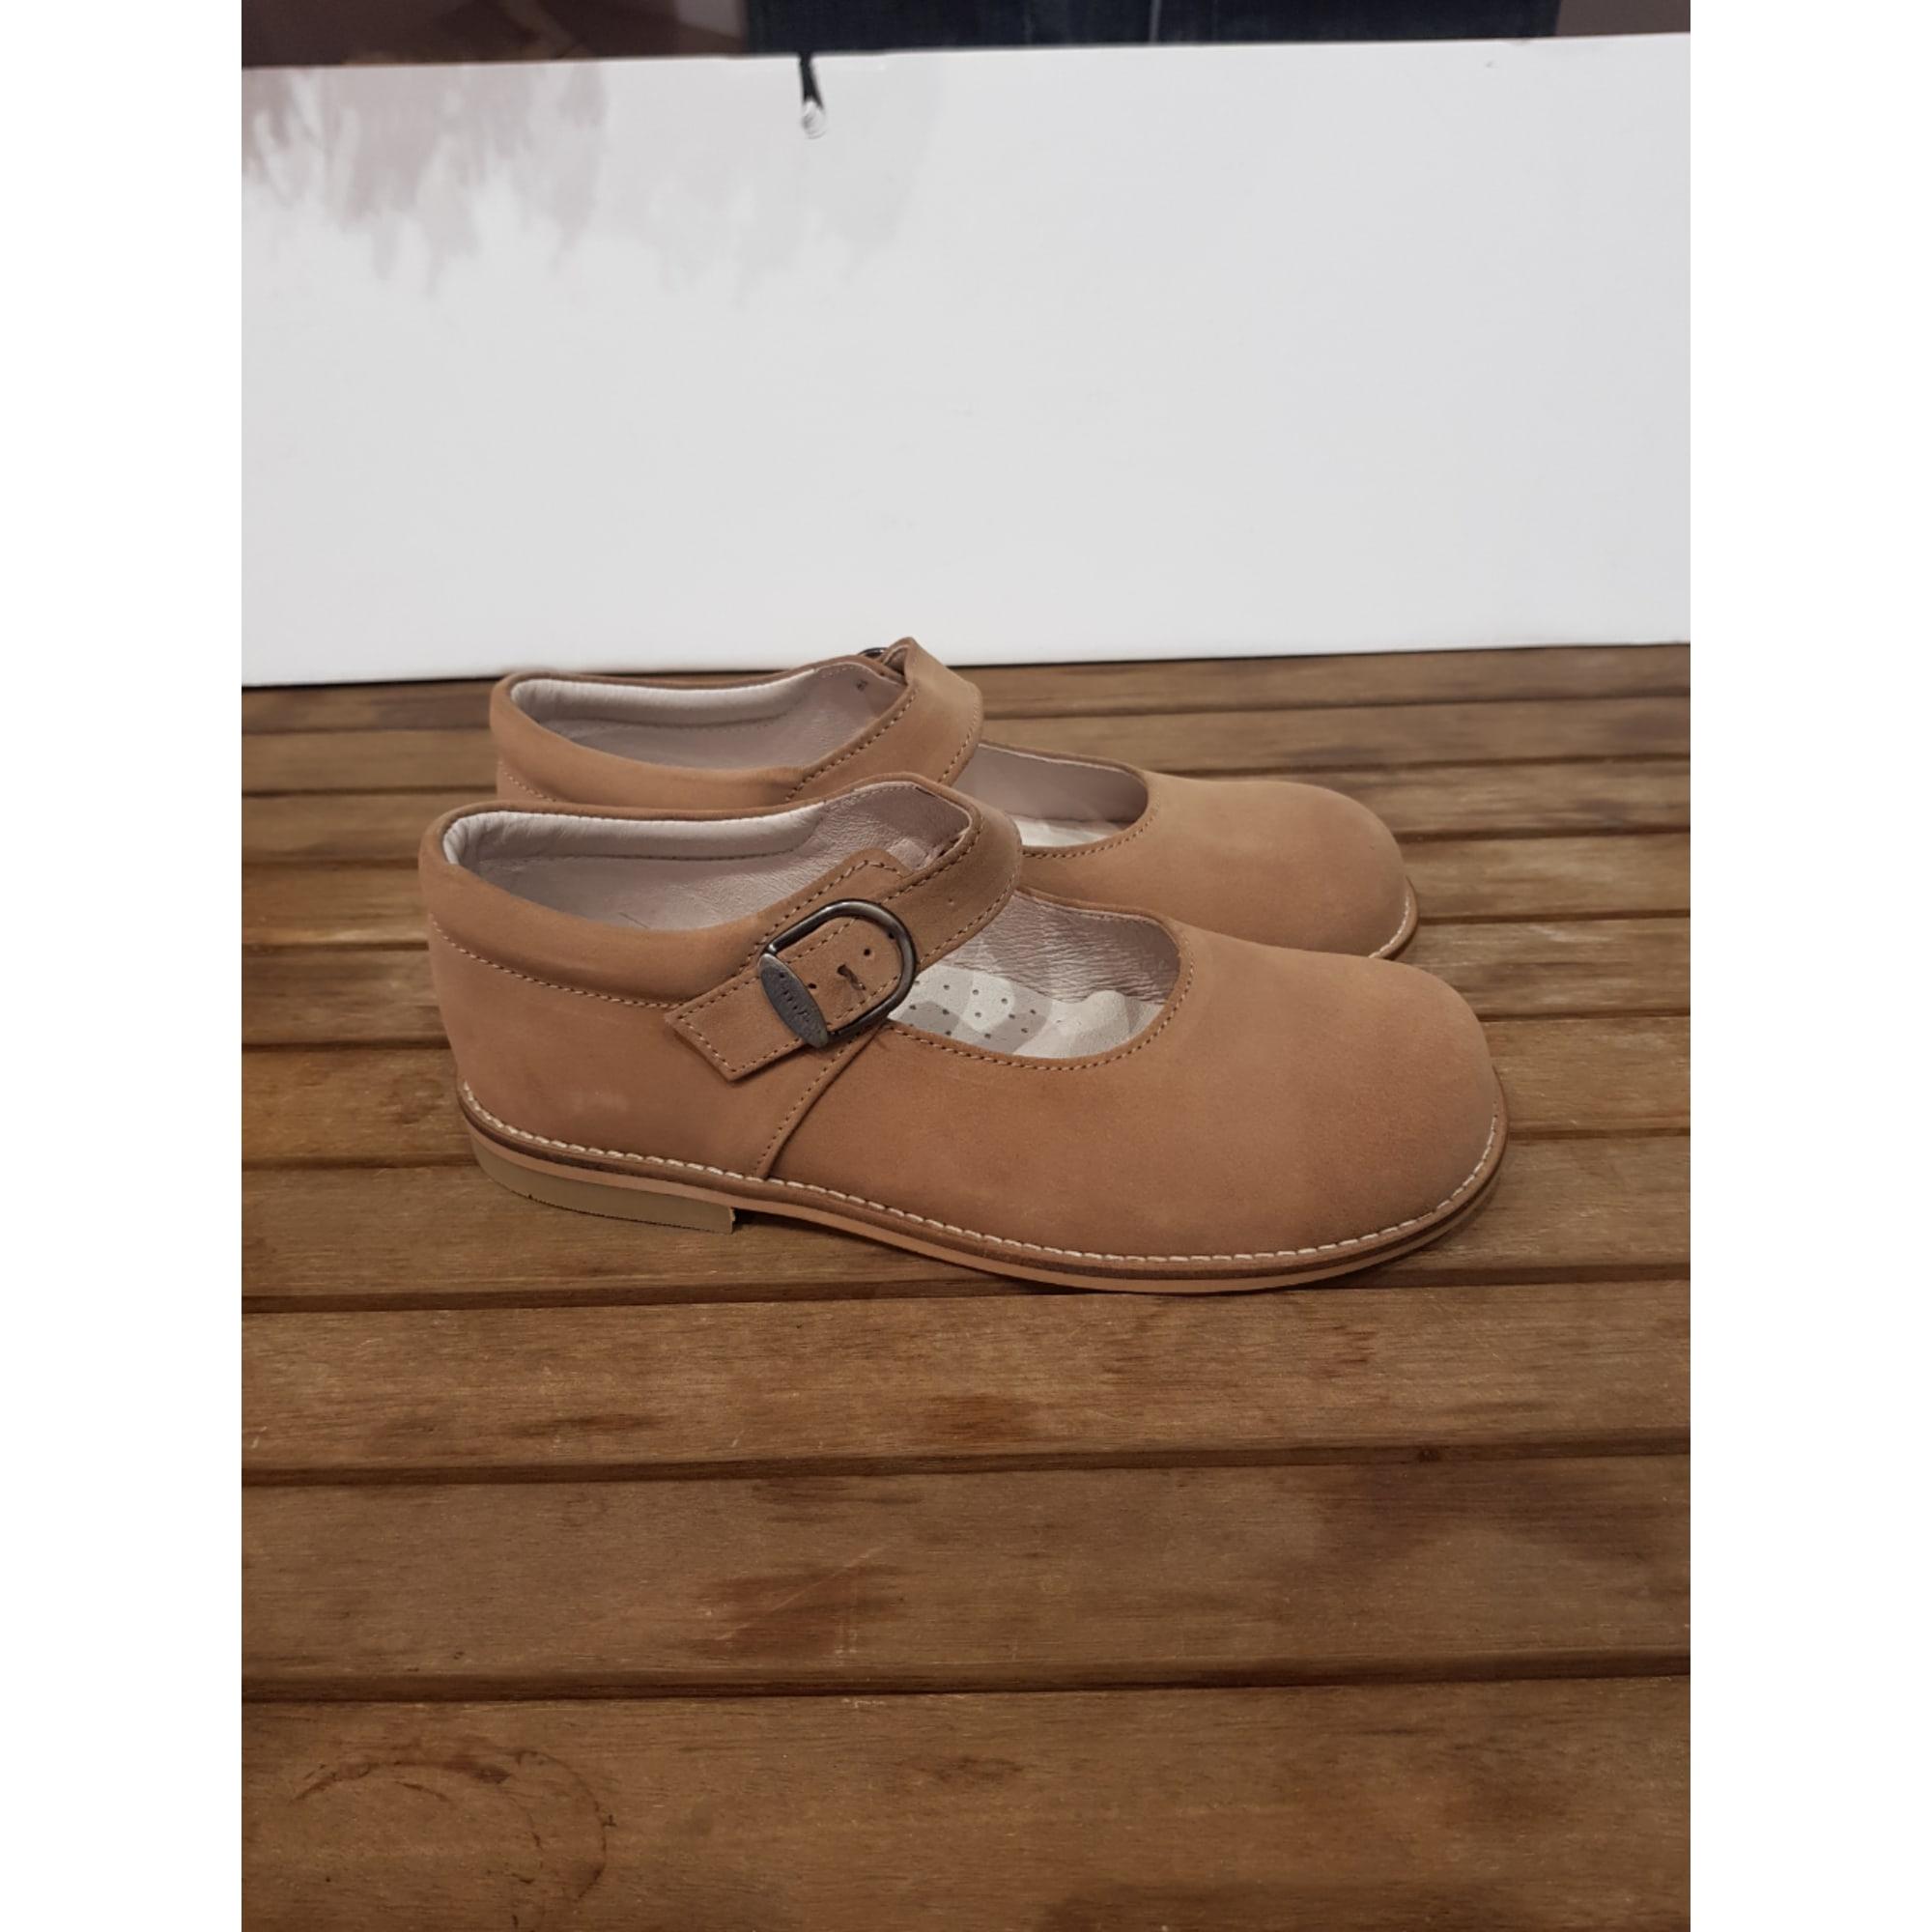 Chaussures à boucle ZARDUS Beige, camel